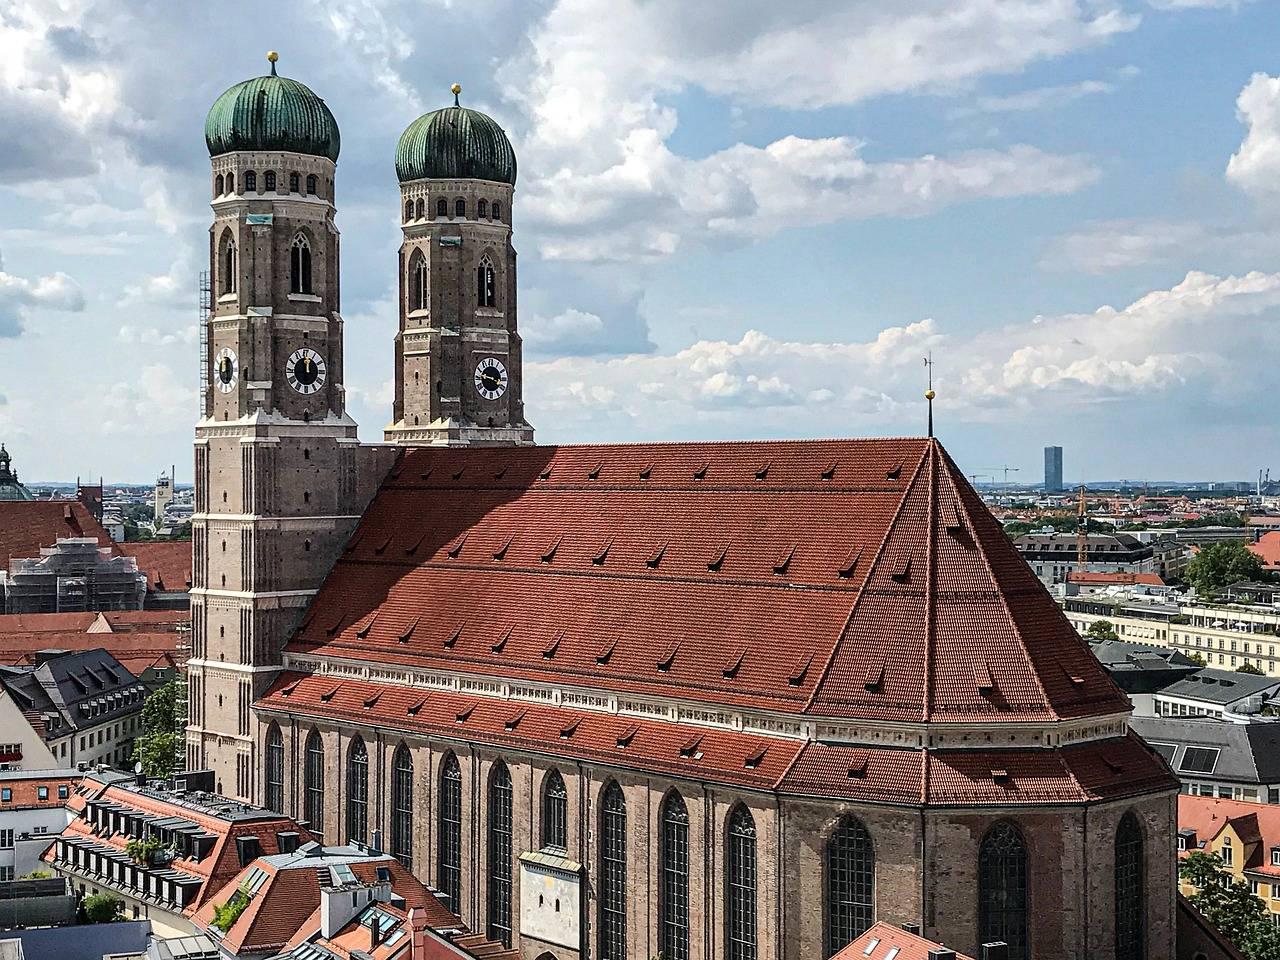 Что посмотреть за 1 день в мюнхене — самостоятельный маршрут по достопримечательностям